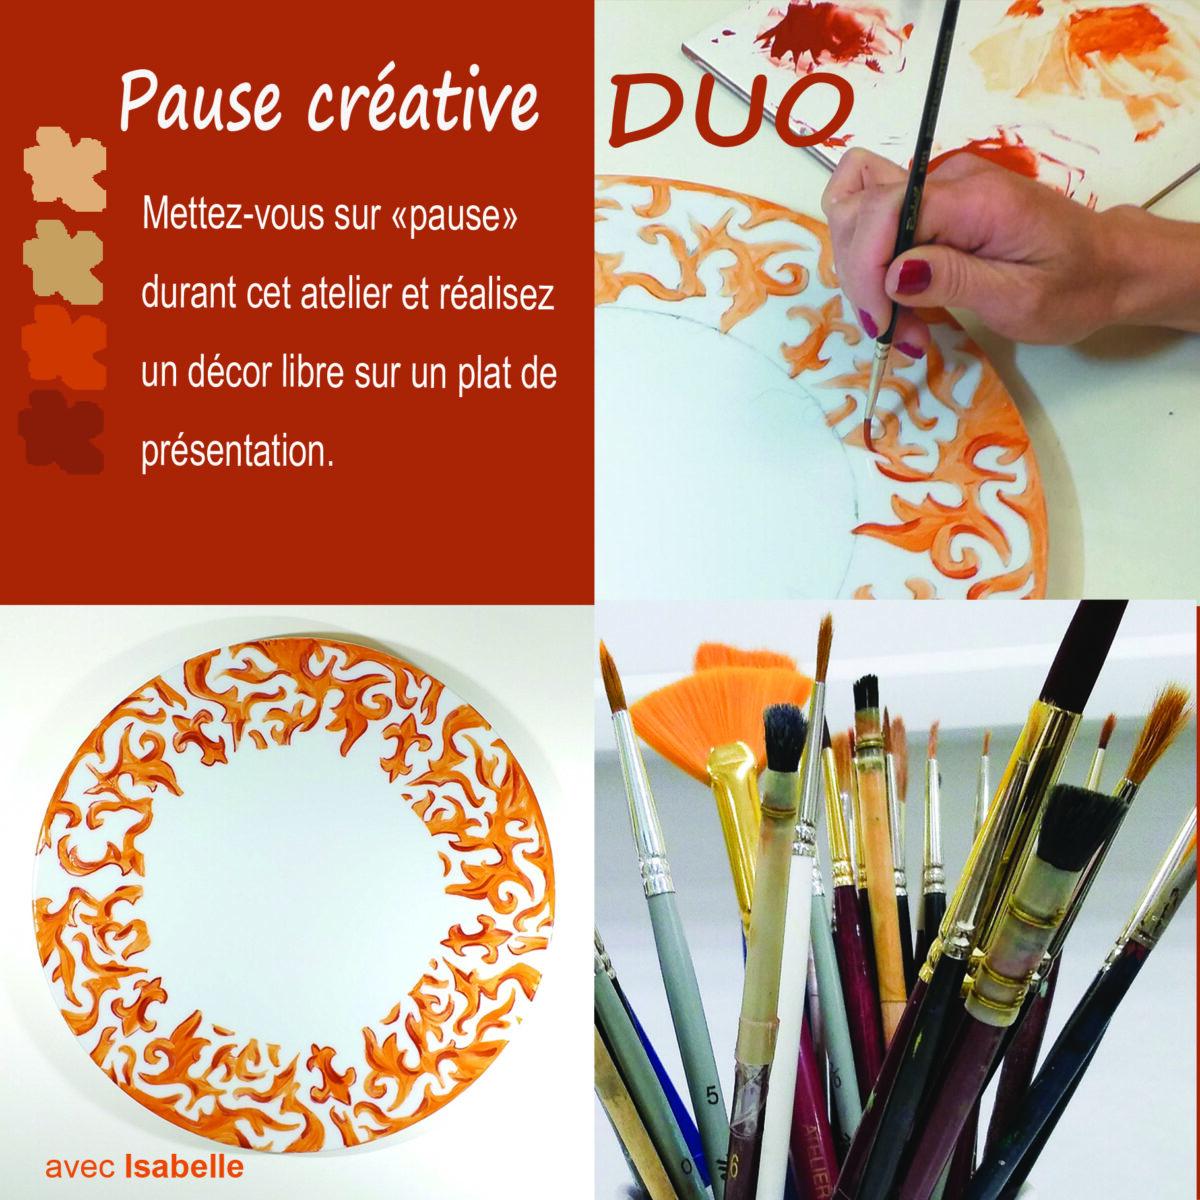 visuel pour l'atelier Pause créative en duo